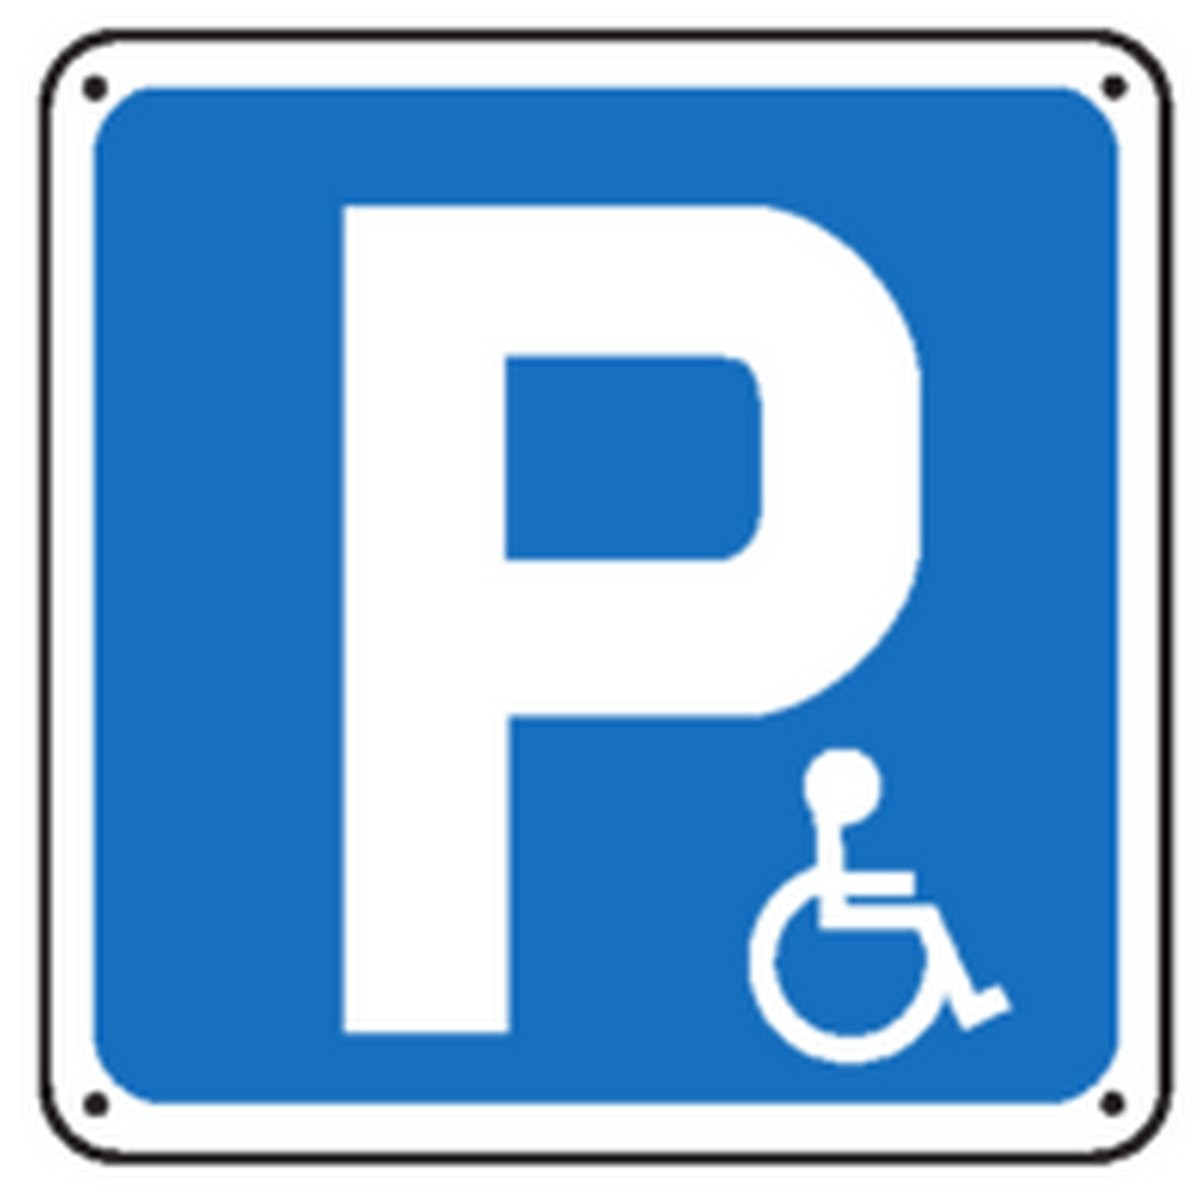 Panneau P Handicapés Renforcé pour poteau